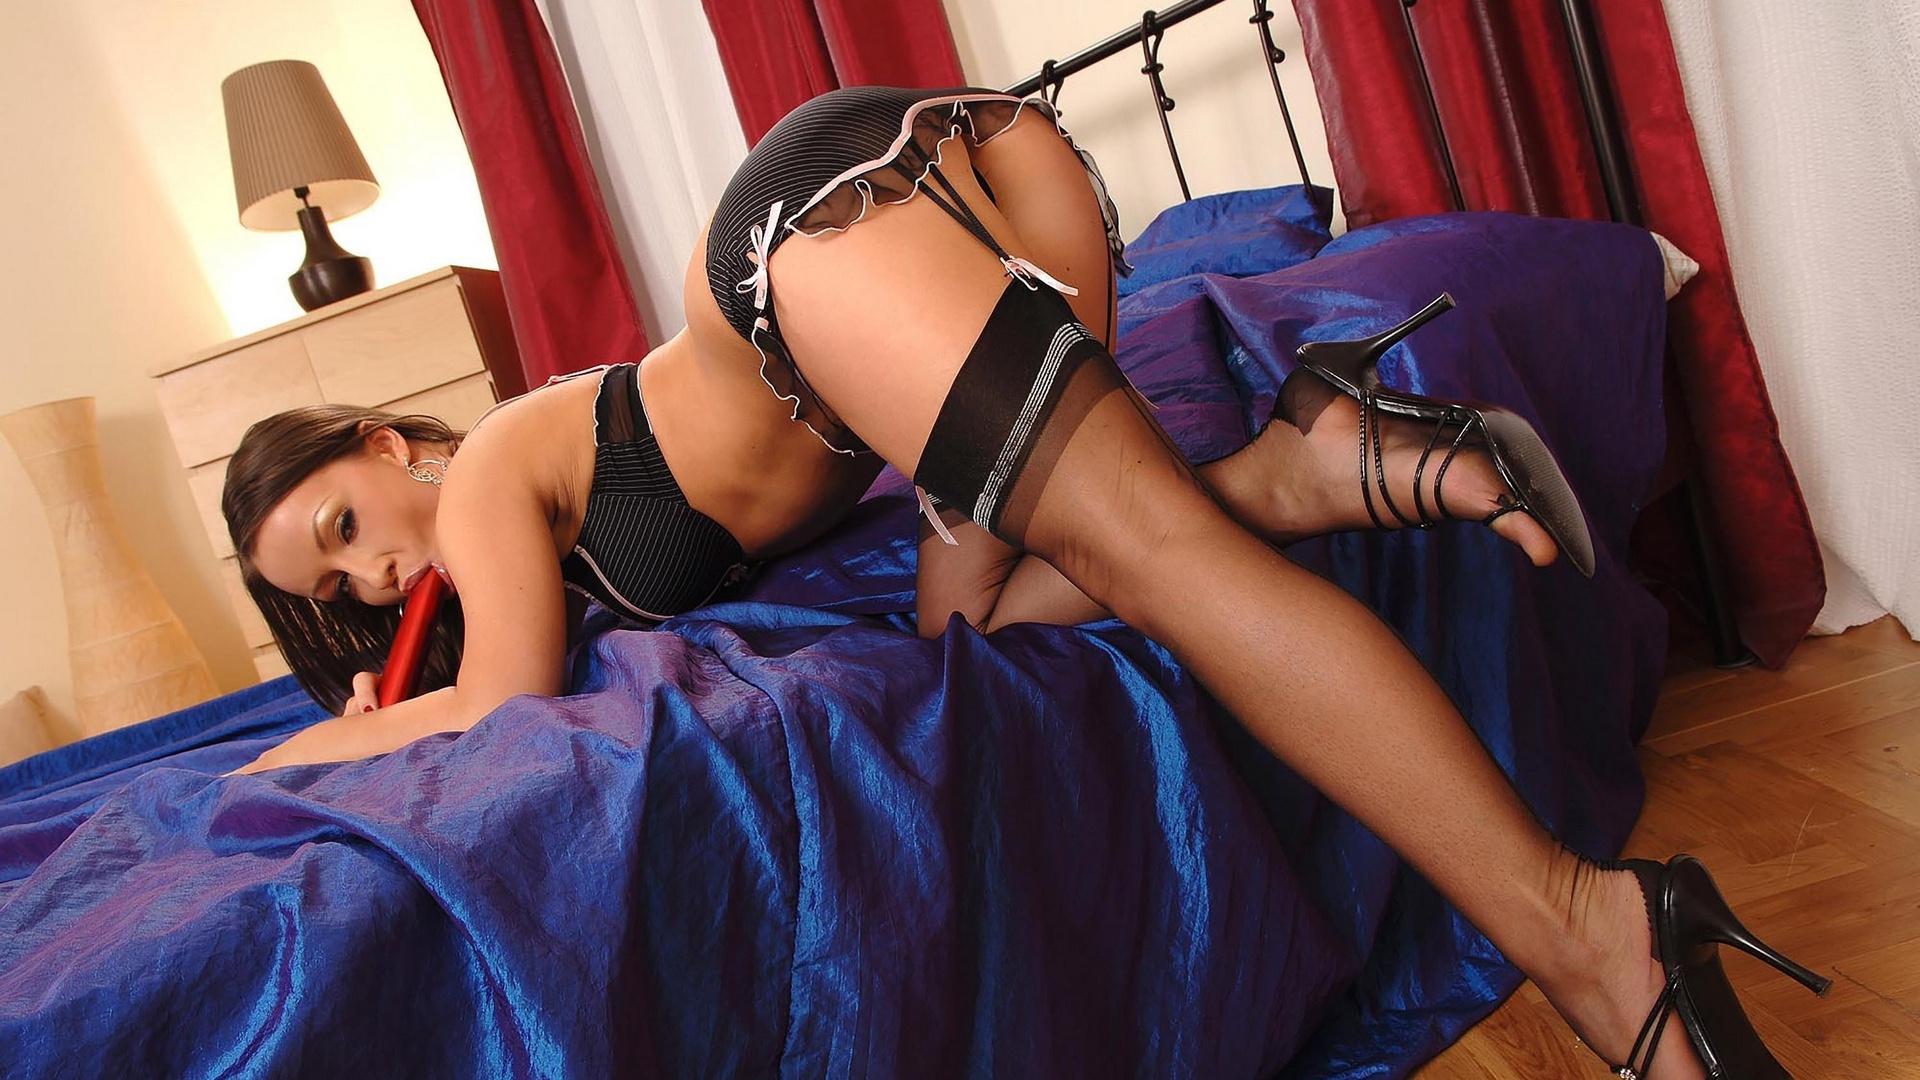 Смотреть красивое порно в красивом нижнем белье, Порно в красивом белье - смотреть порно в красивом 1 фотография